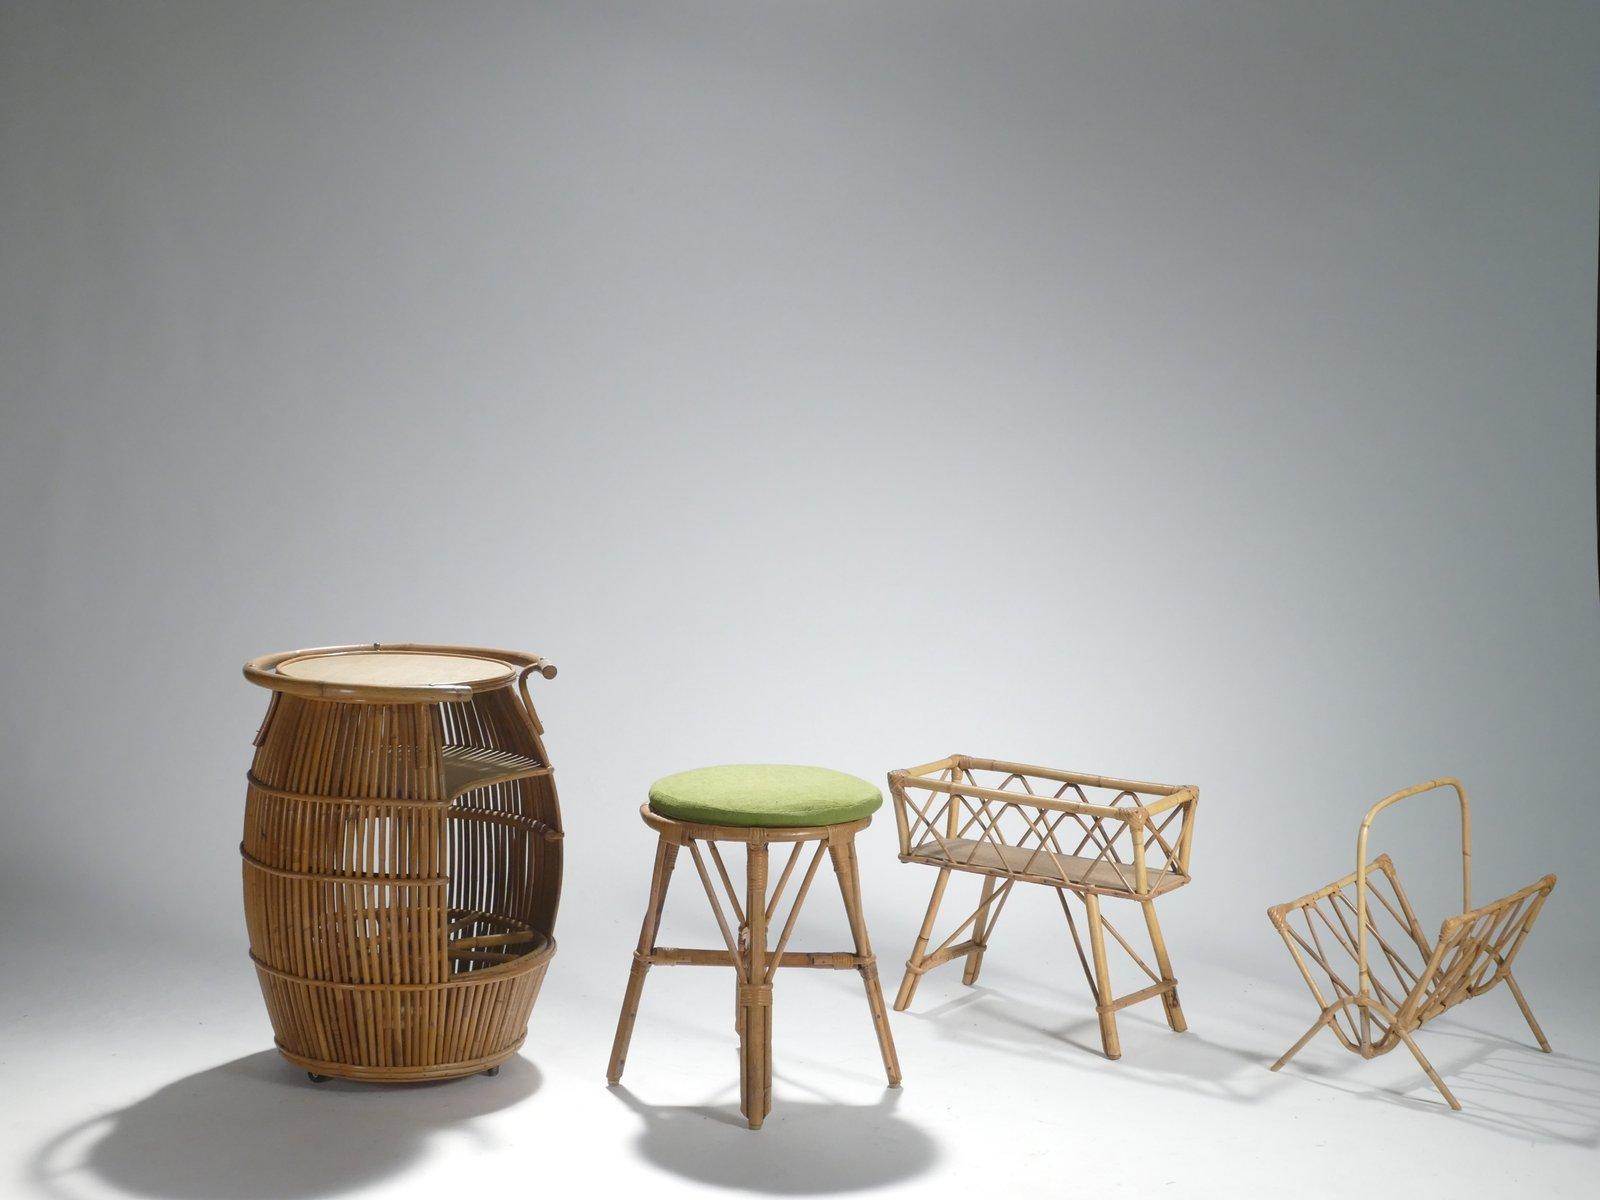 Garten Set von Adrien Audoux & Frida Minet, 1950er